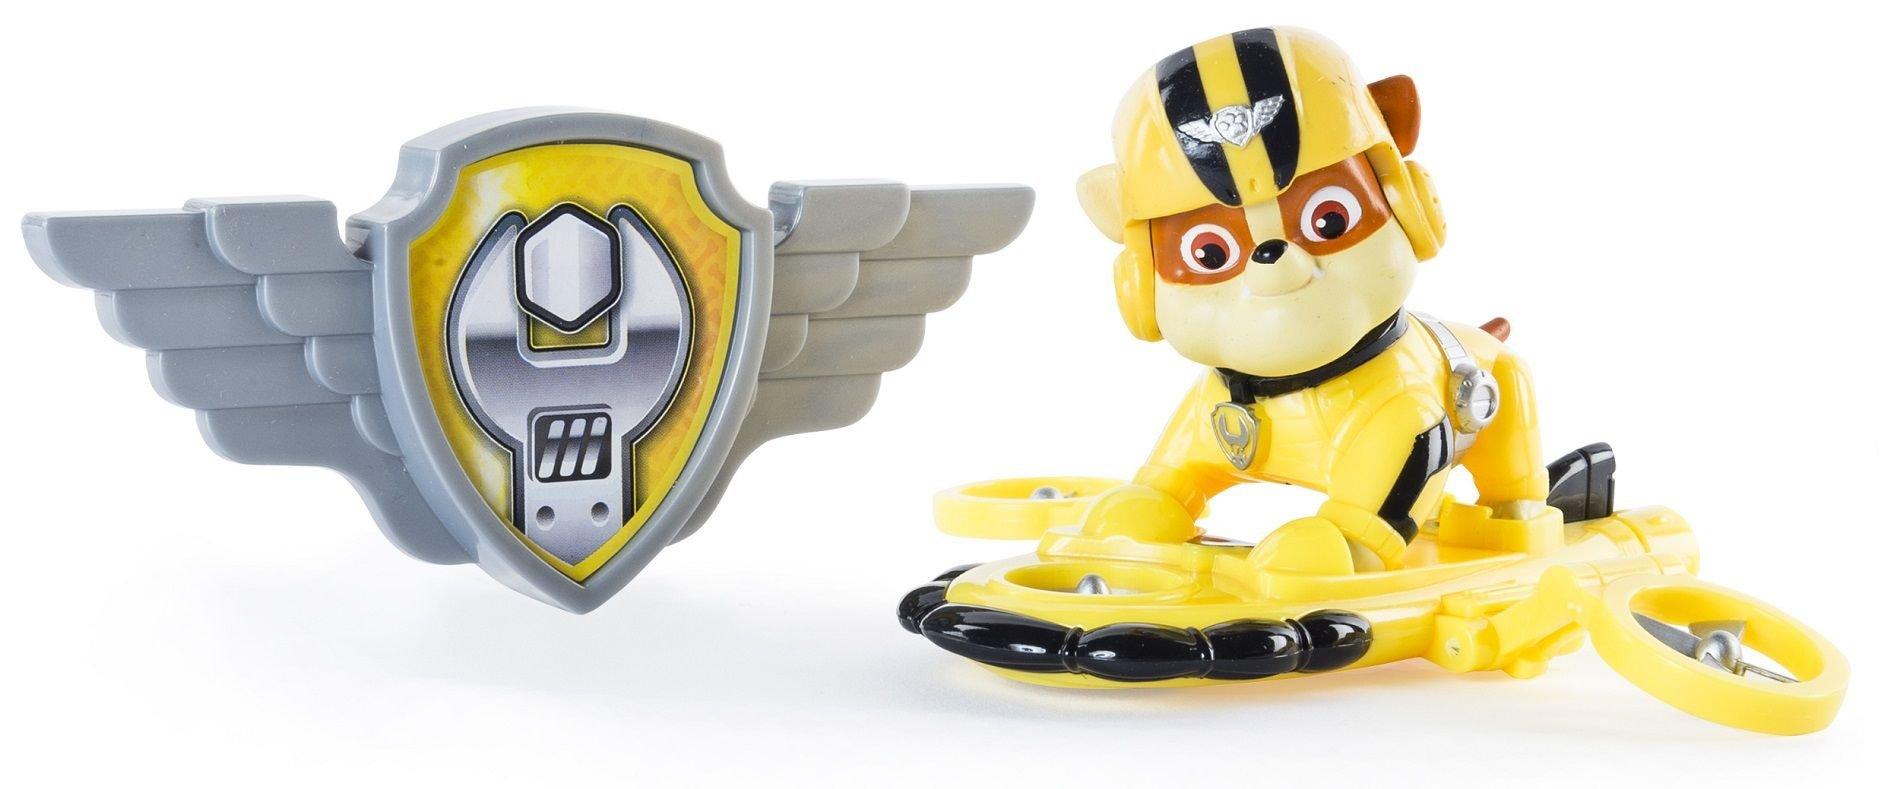 Spin Master Psi Patrol Powietrzny Patrol Figurka Akcji Z Odznaką Rubble